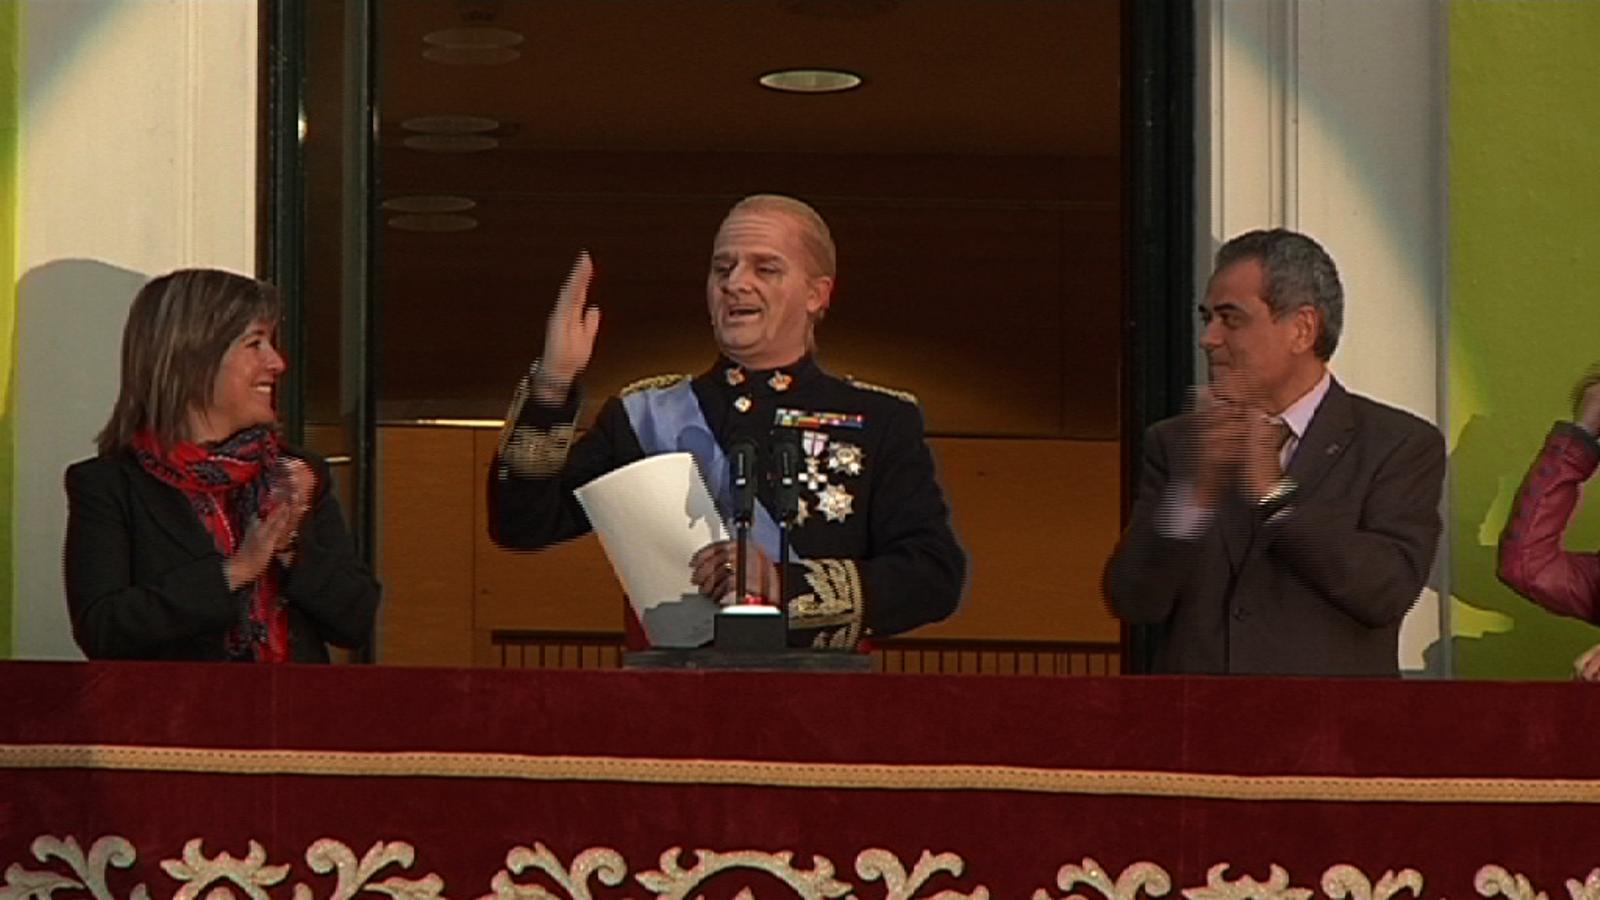 Rei Joan Carles I / Toni Albà: Es que el nene no para ni a tiros